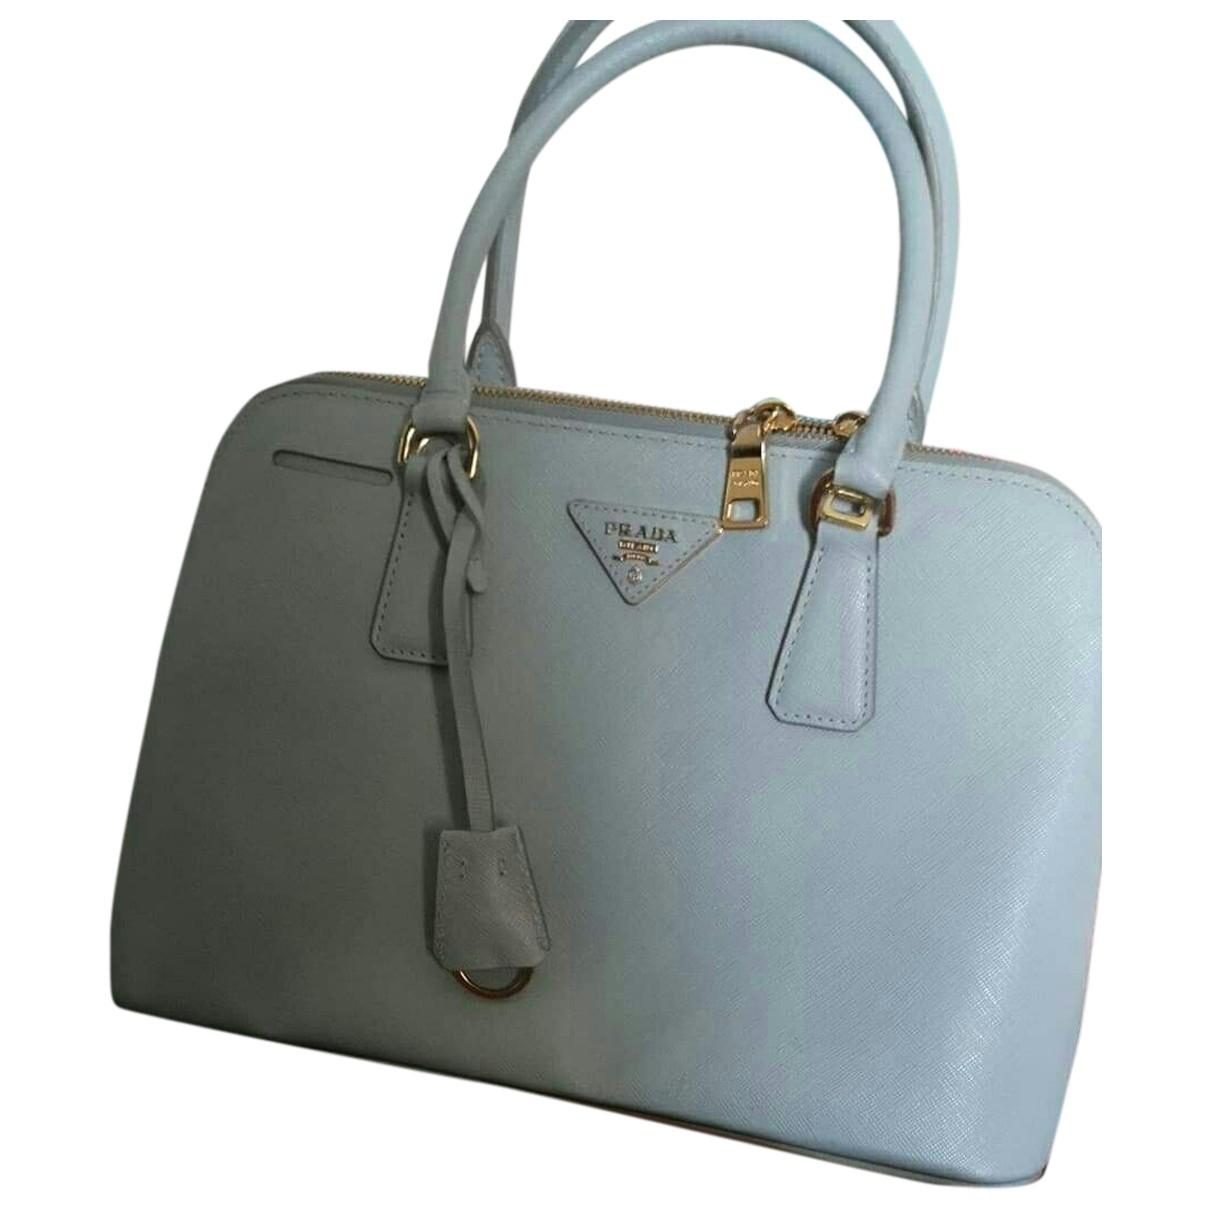 Prada - Sac a main Promenade pour femme en cuir - bleu